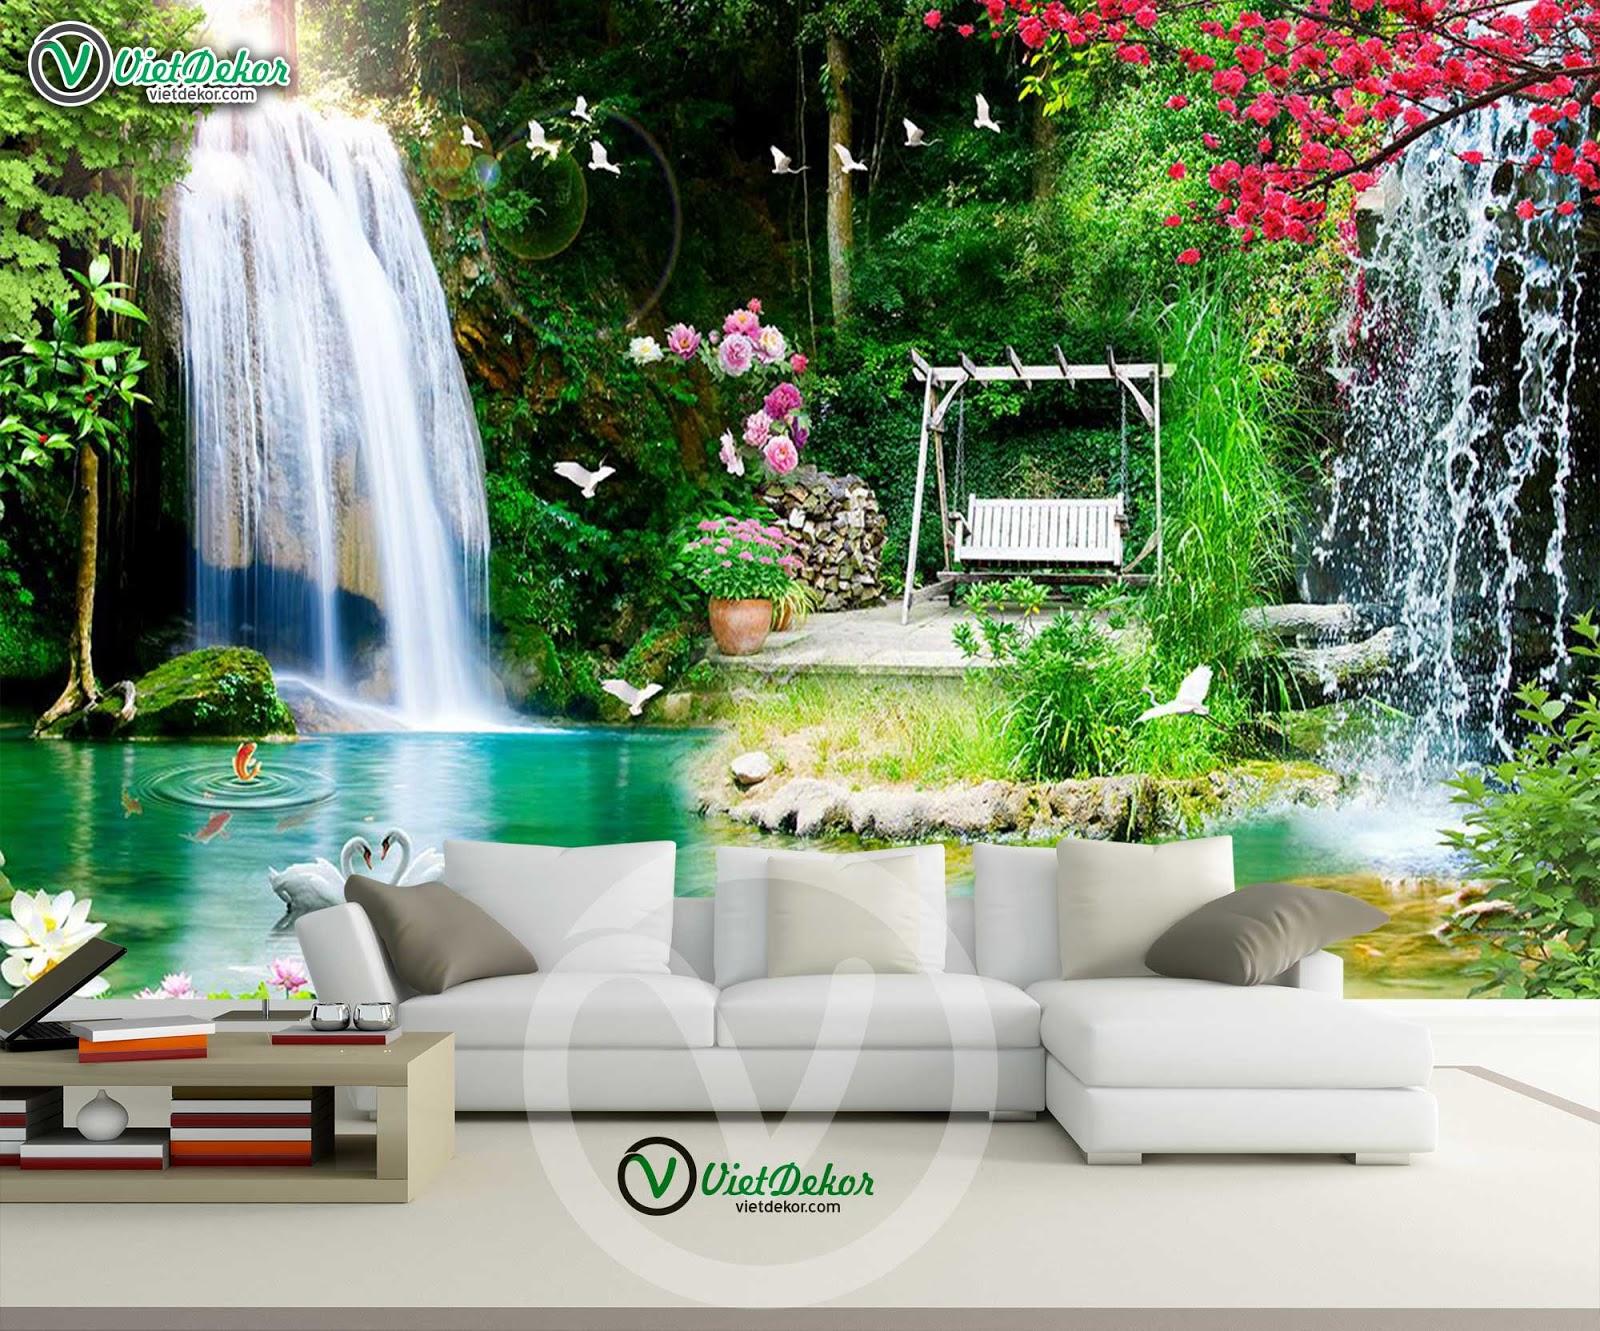 Tranh dán tường phong cảnh thác nước cho phòng khách đẹp